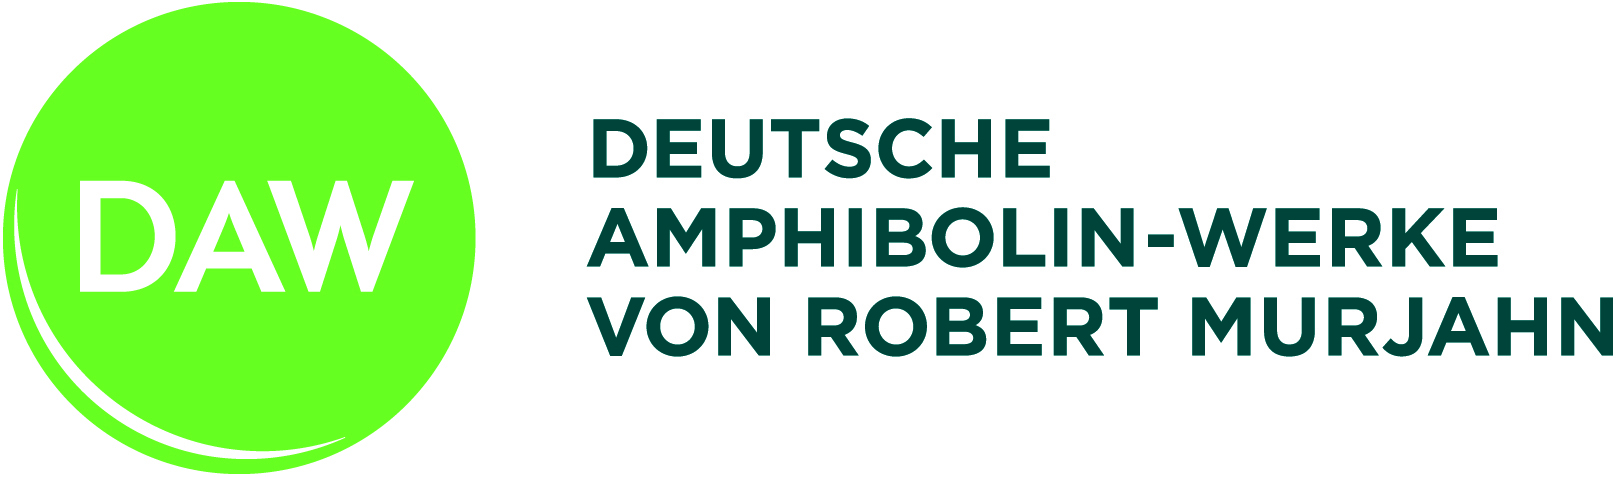 130208_DAW_Logo_Rz_Vorbereitung